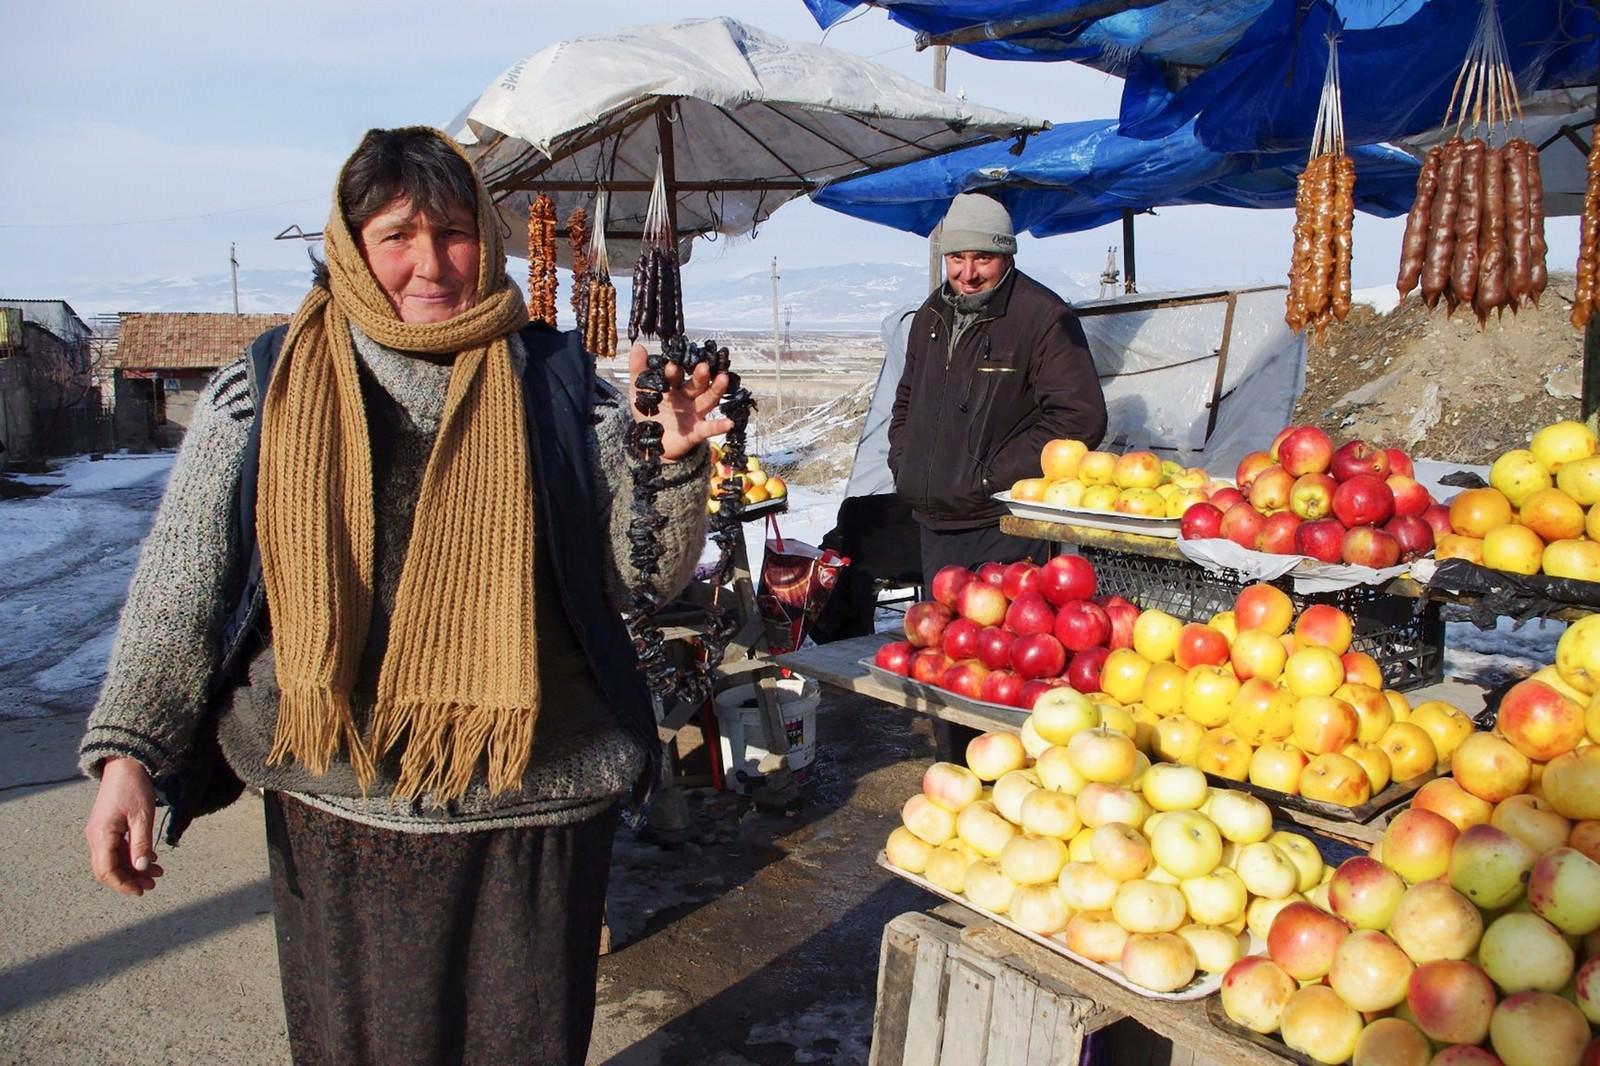 「露天で果物を販売するグルジア人」の写真